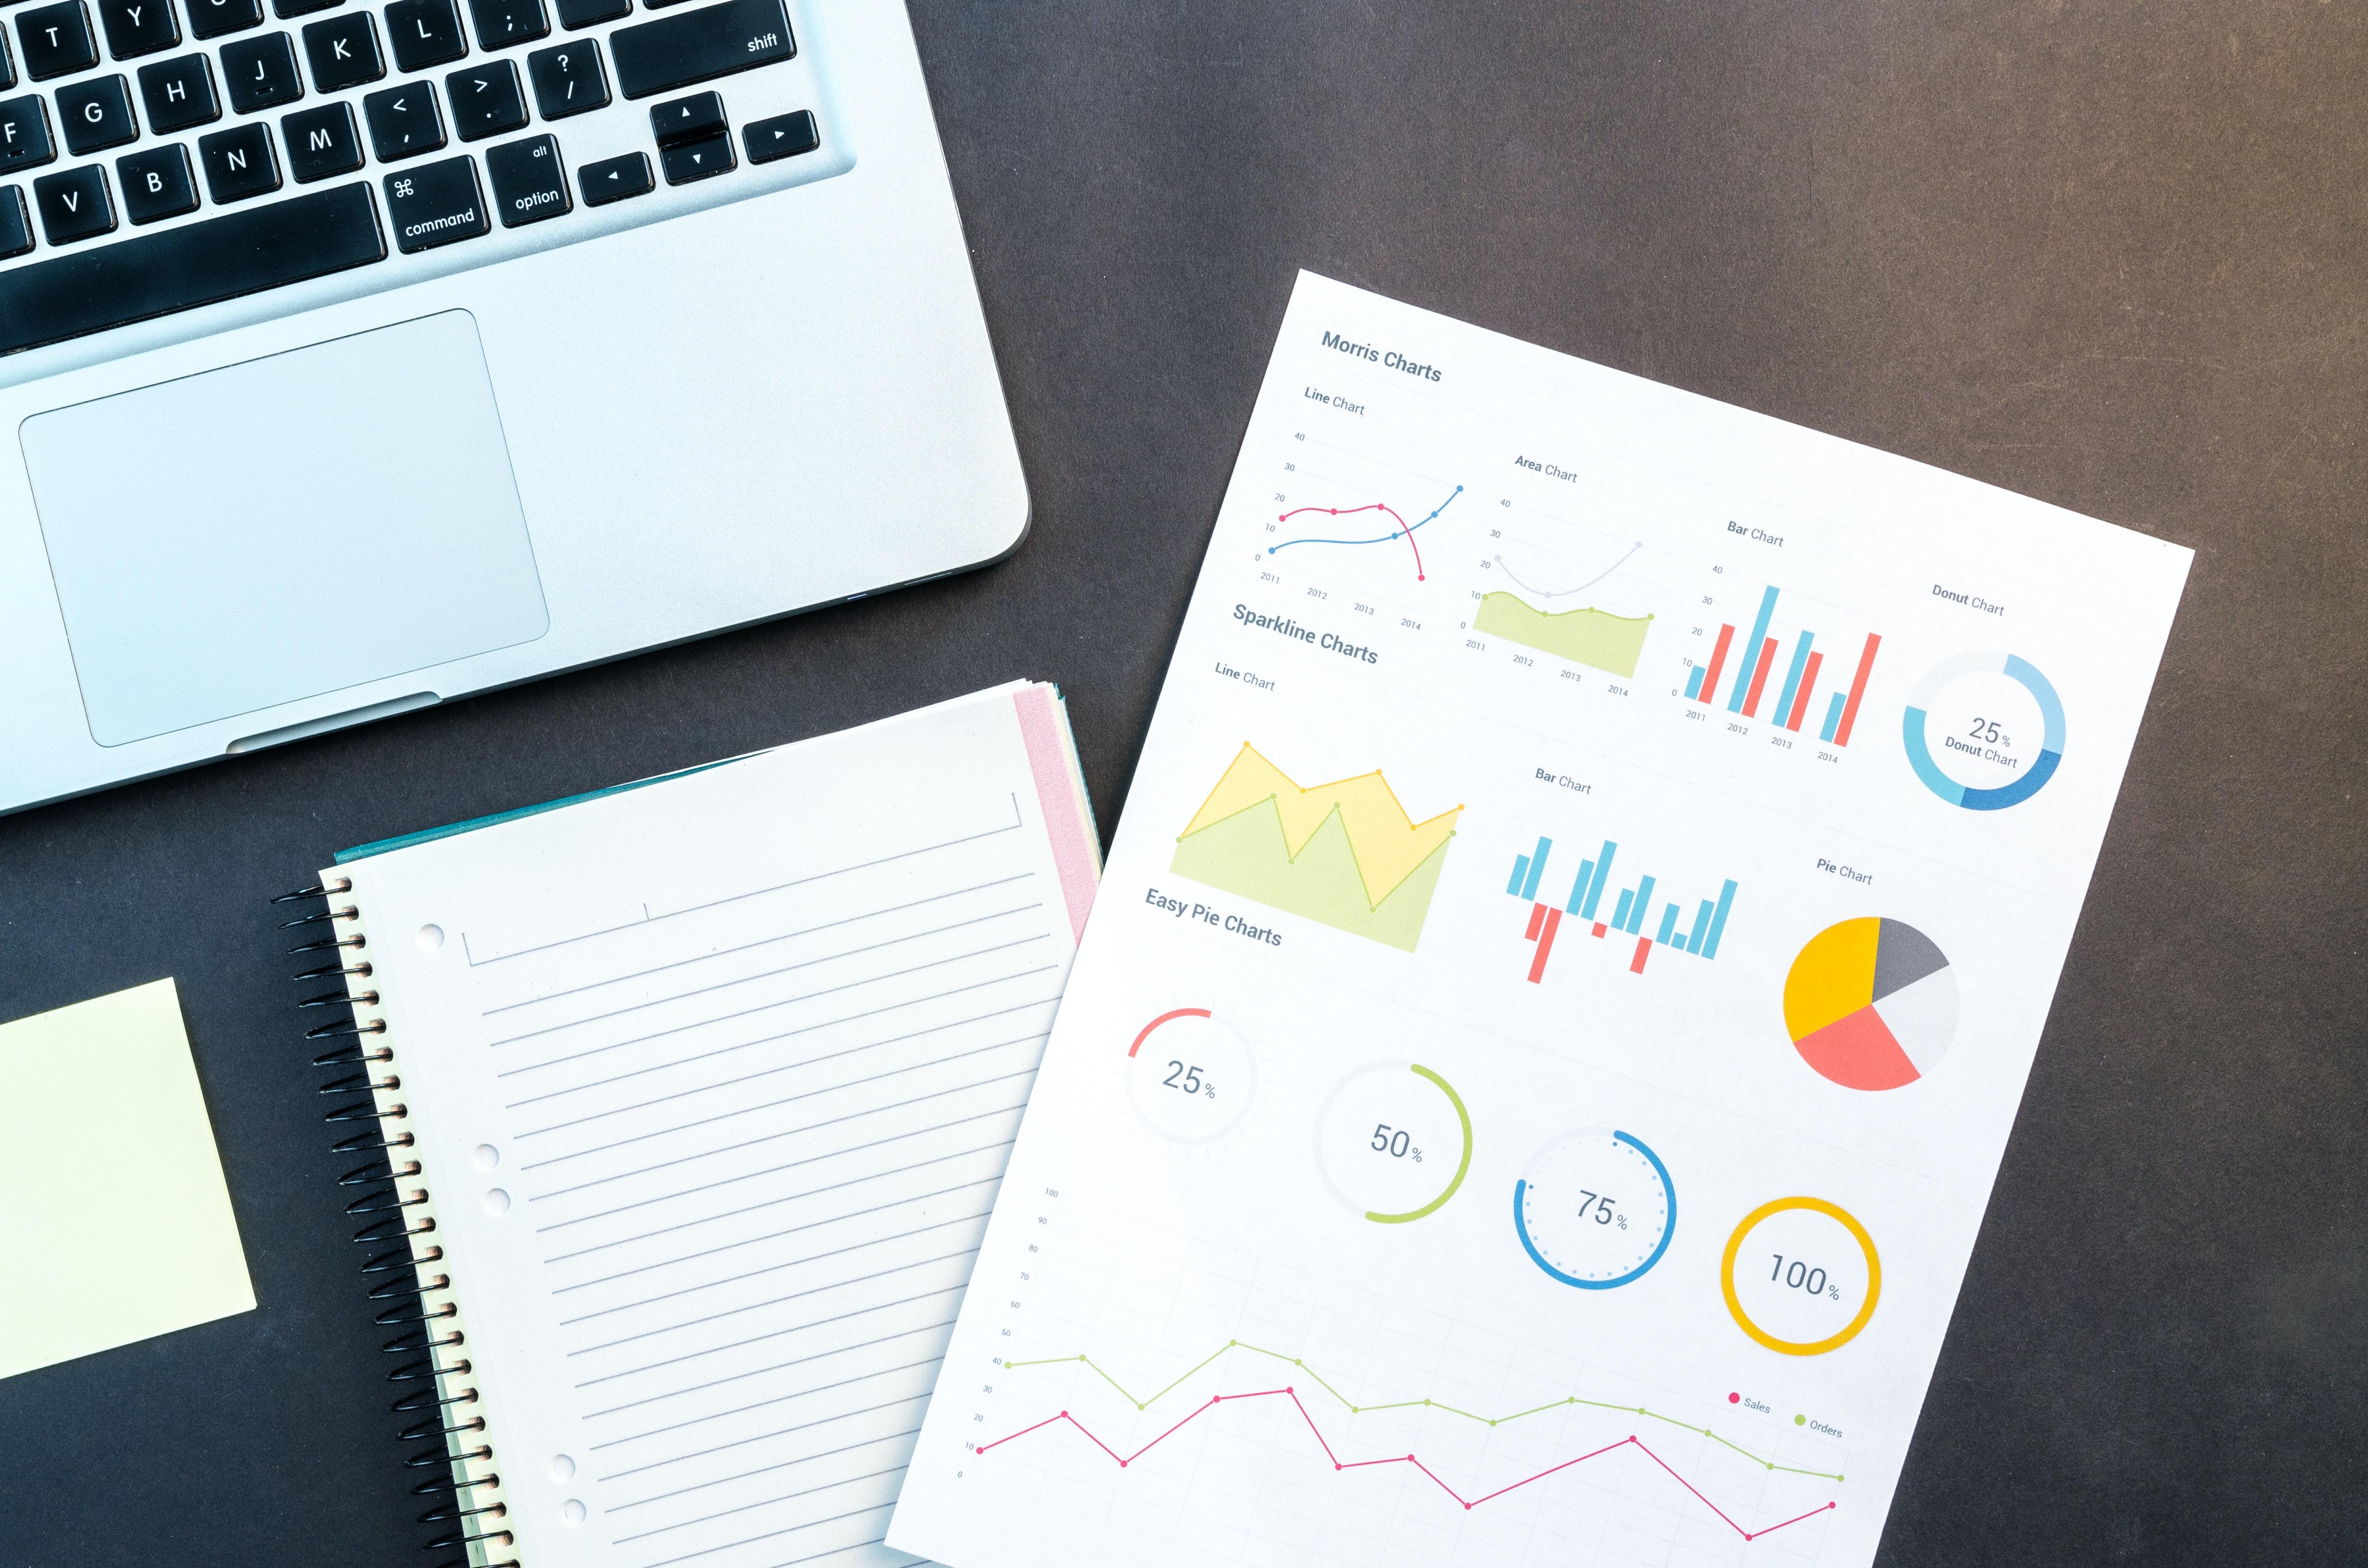 Laptop i wydrukowana kartka z różnymi statystykami